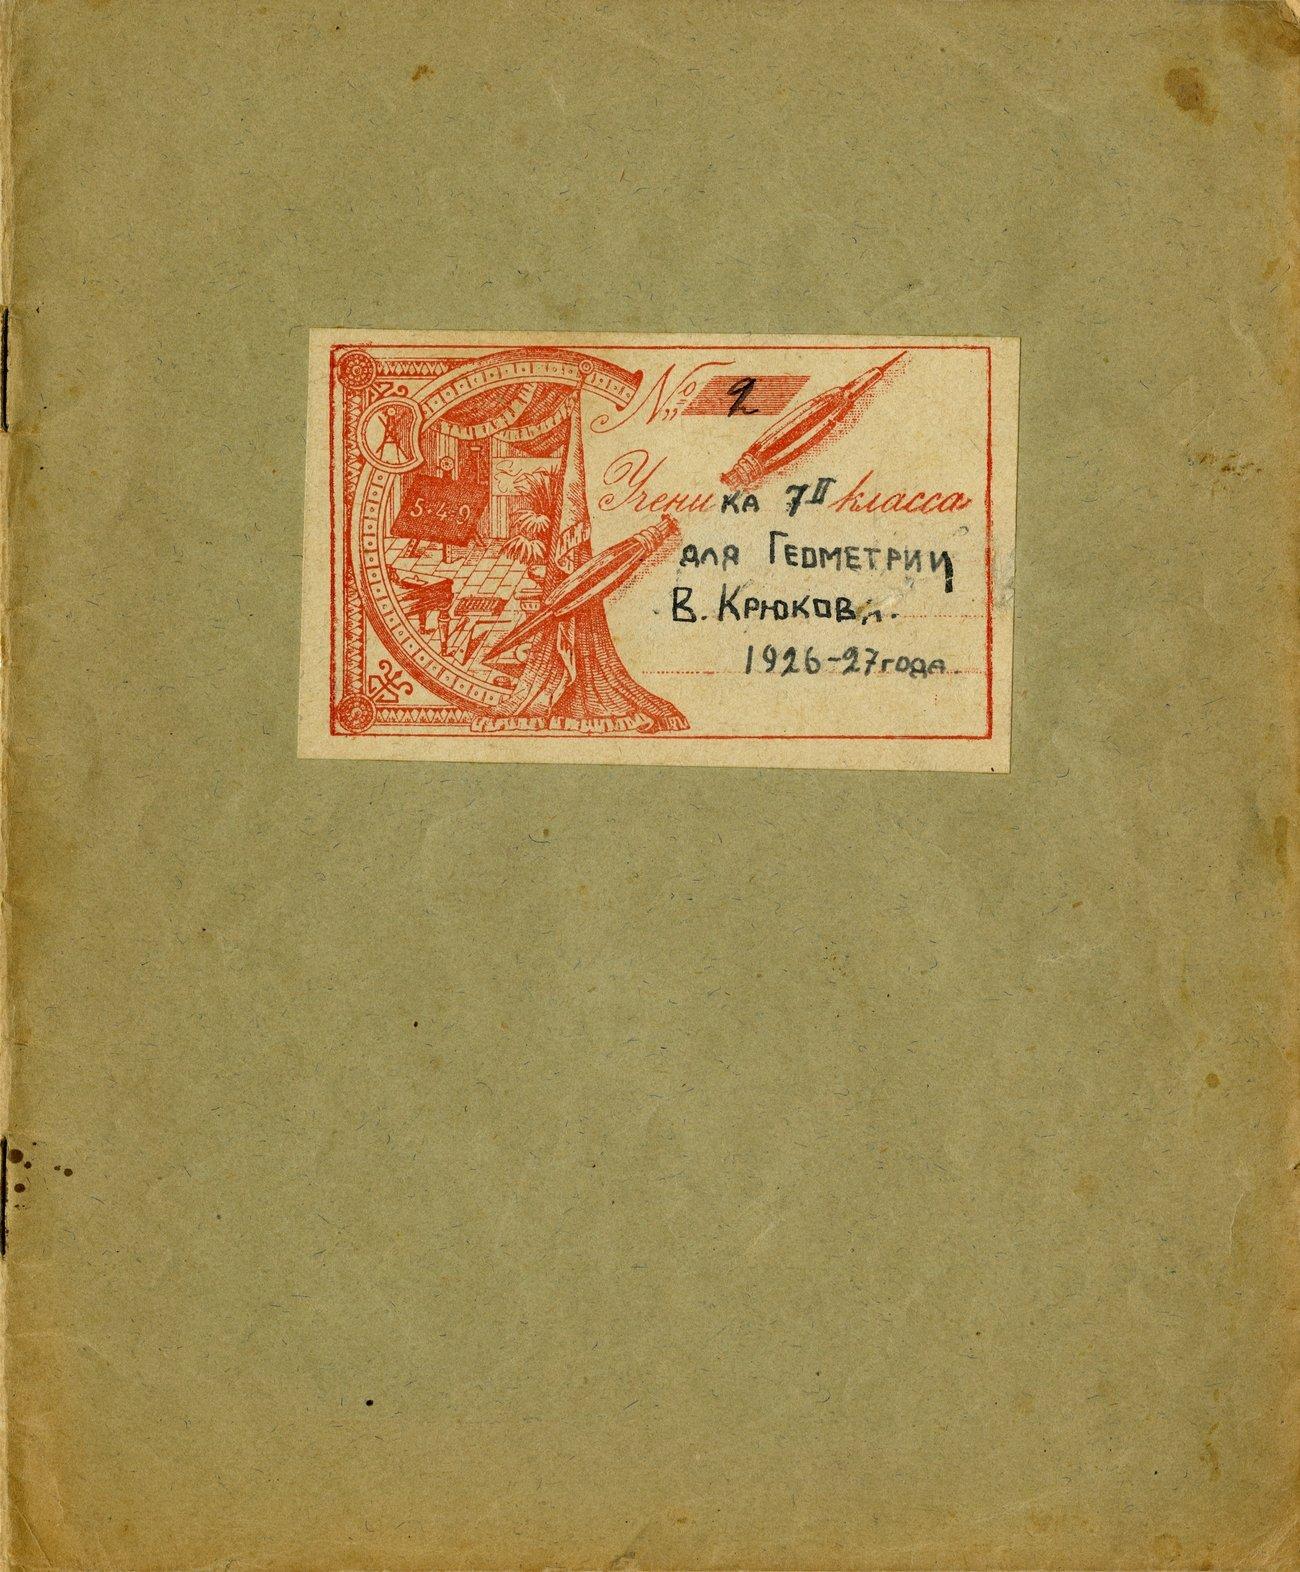 Тетрадь№2 для геометрии Крюкова 1926-27 001